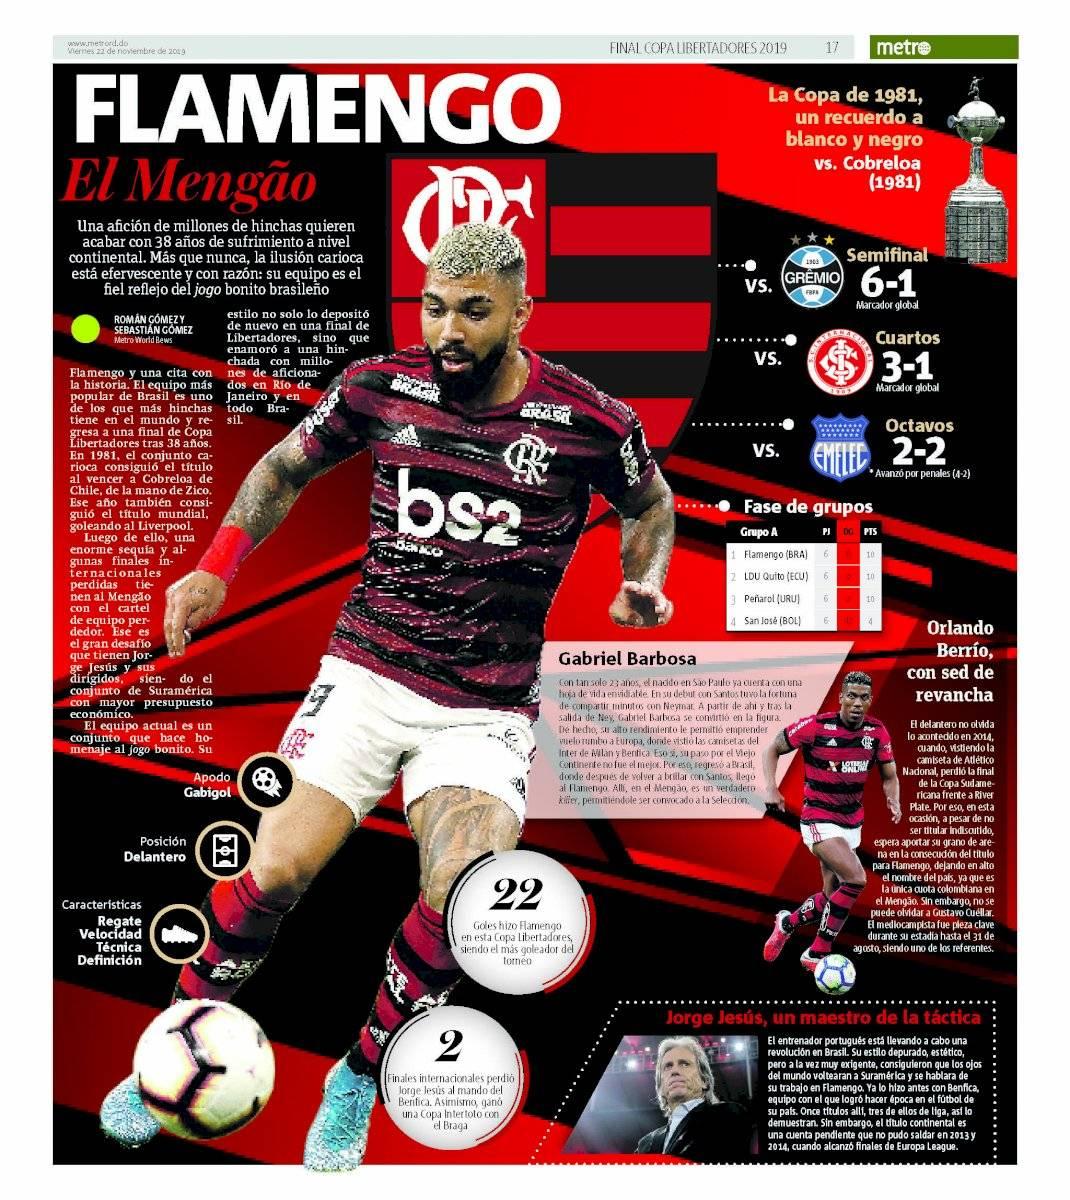 El Mengão, Flamengo